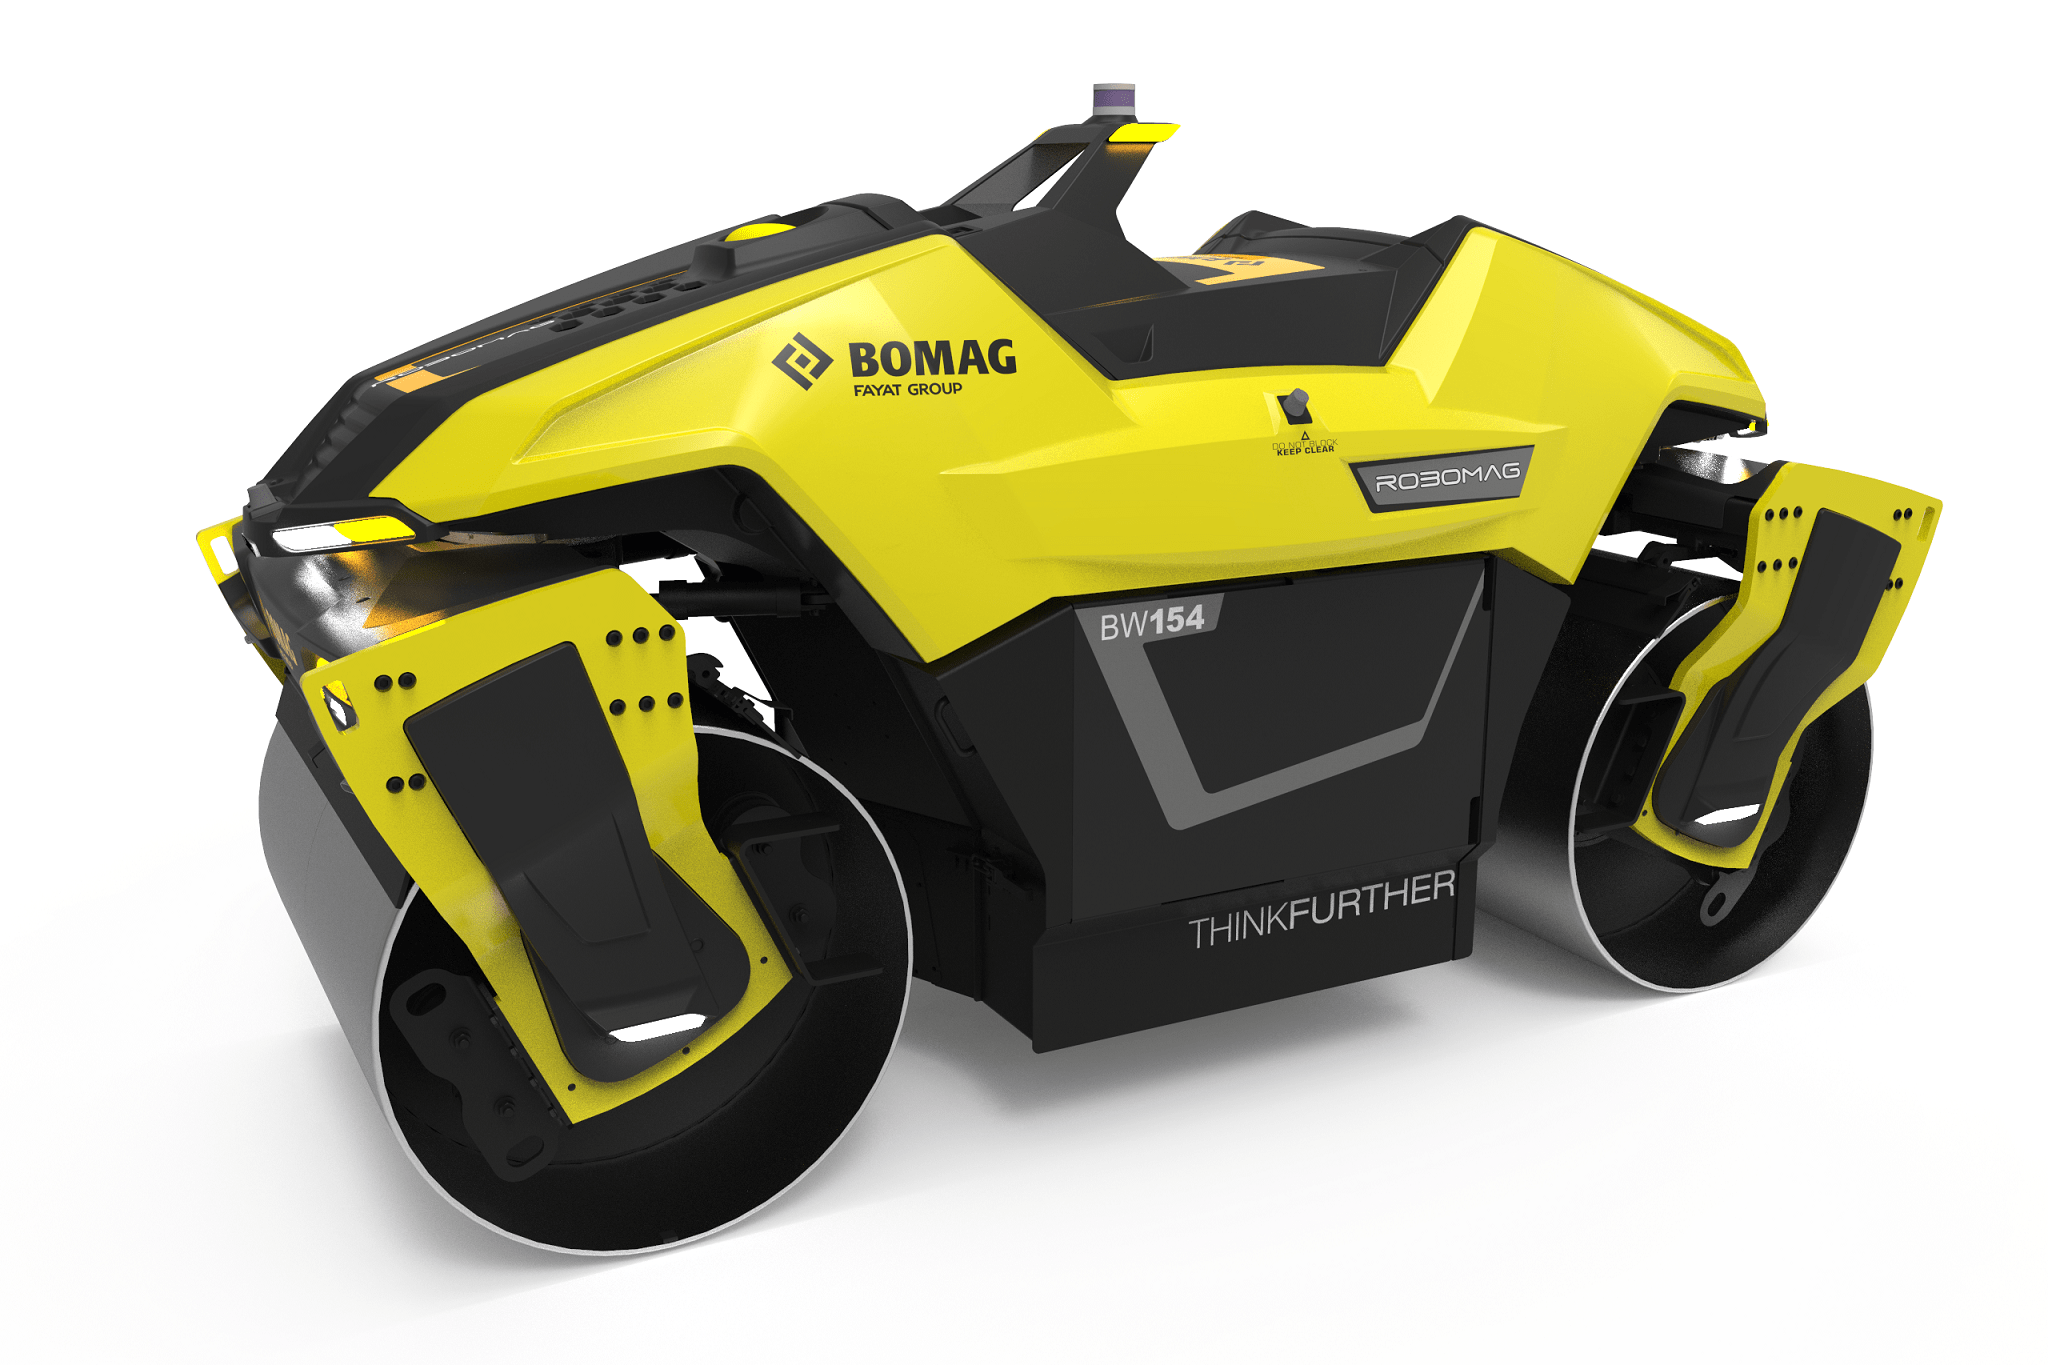 El rodillo tándem Robomag , ganador del premio de diseño If Design 2020